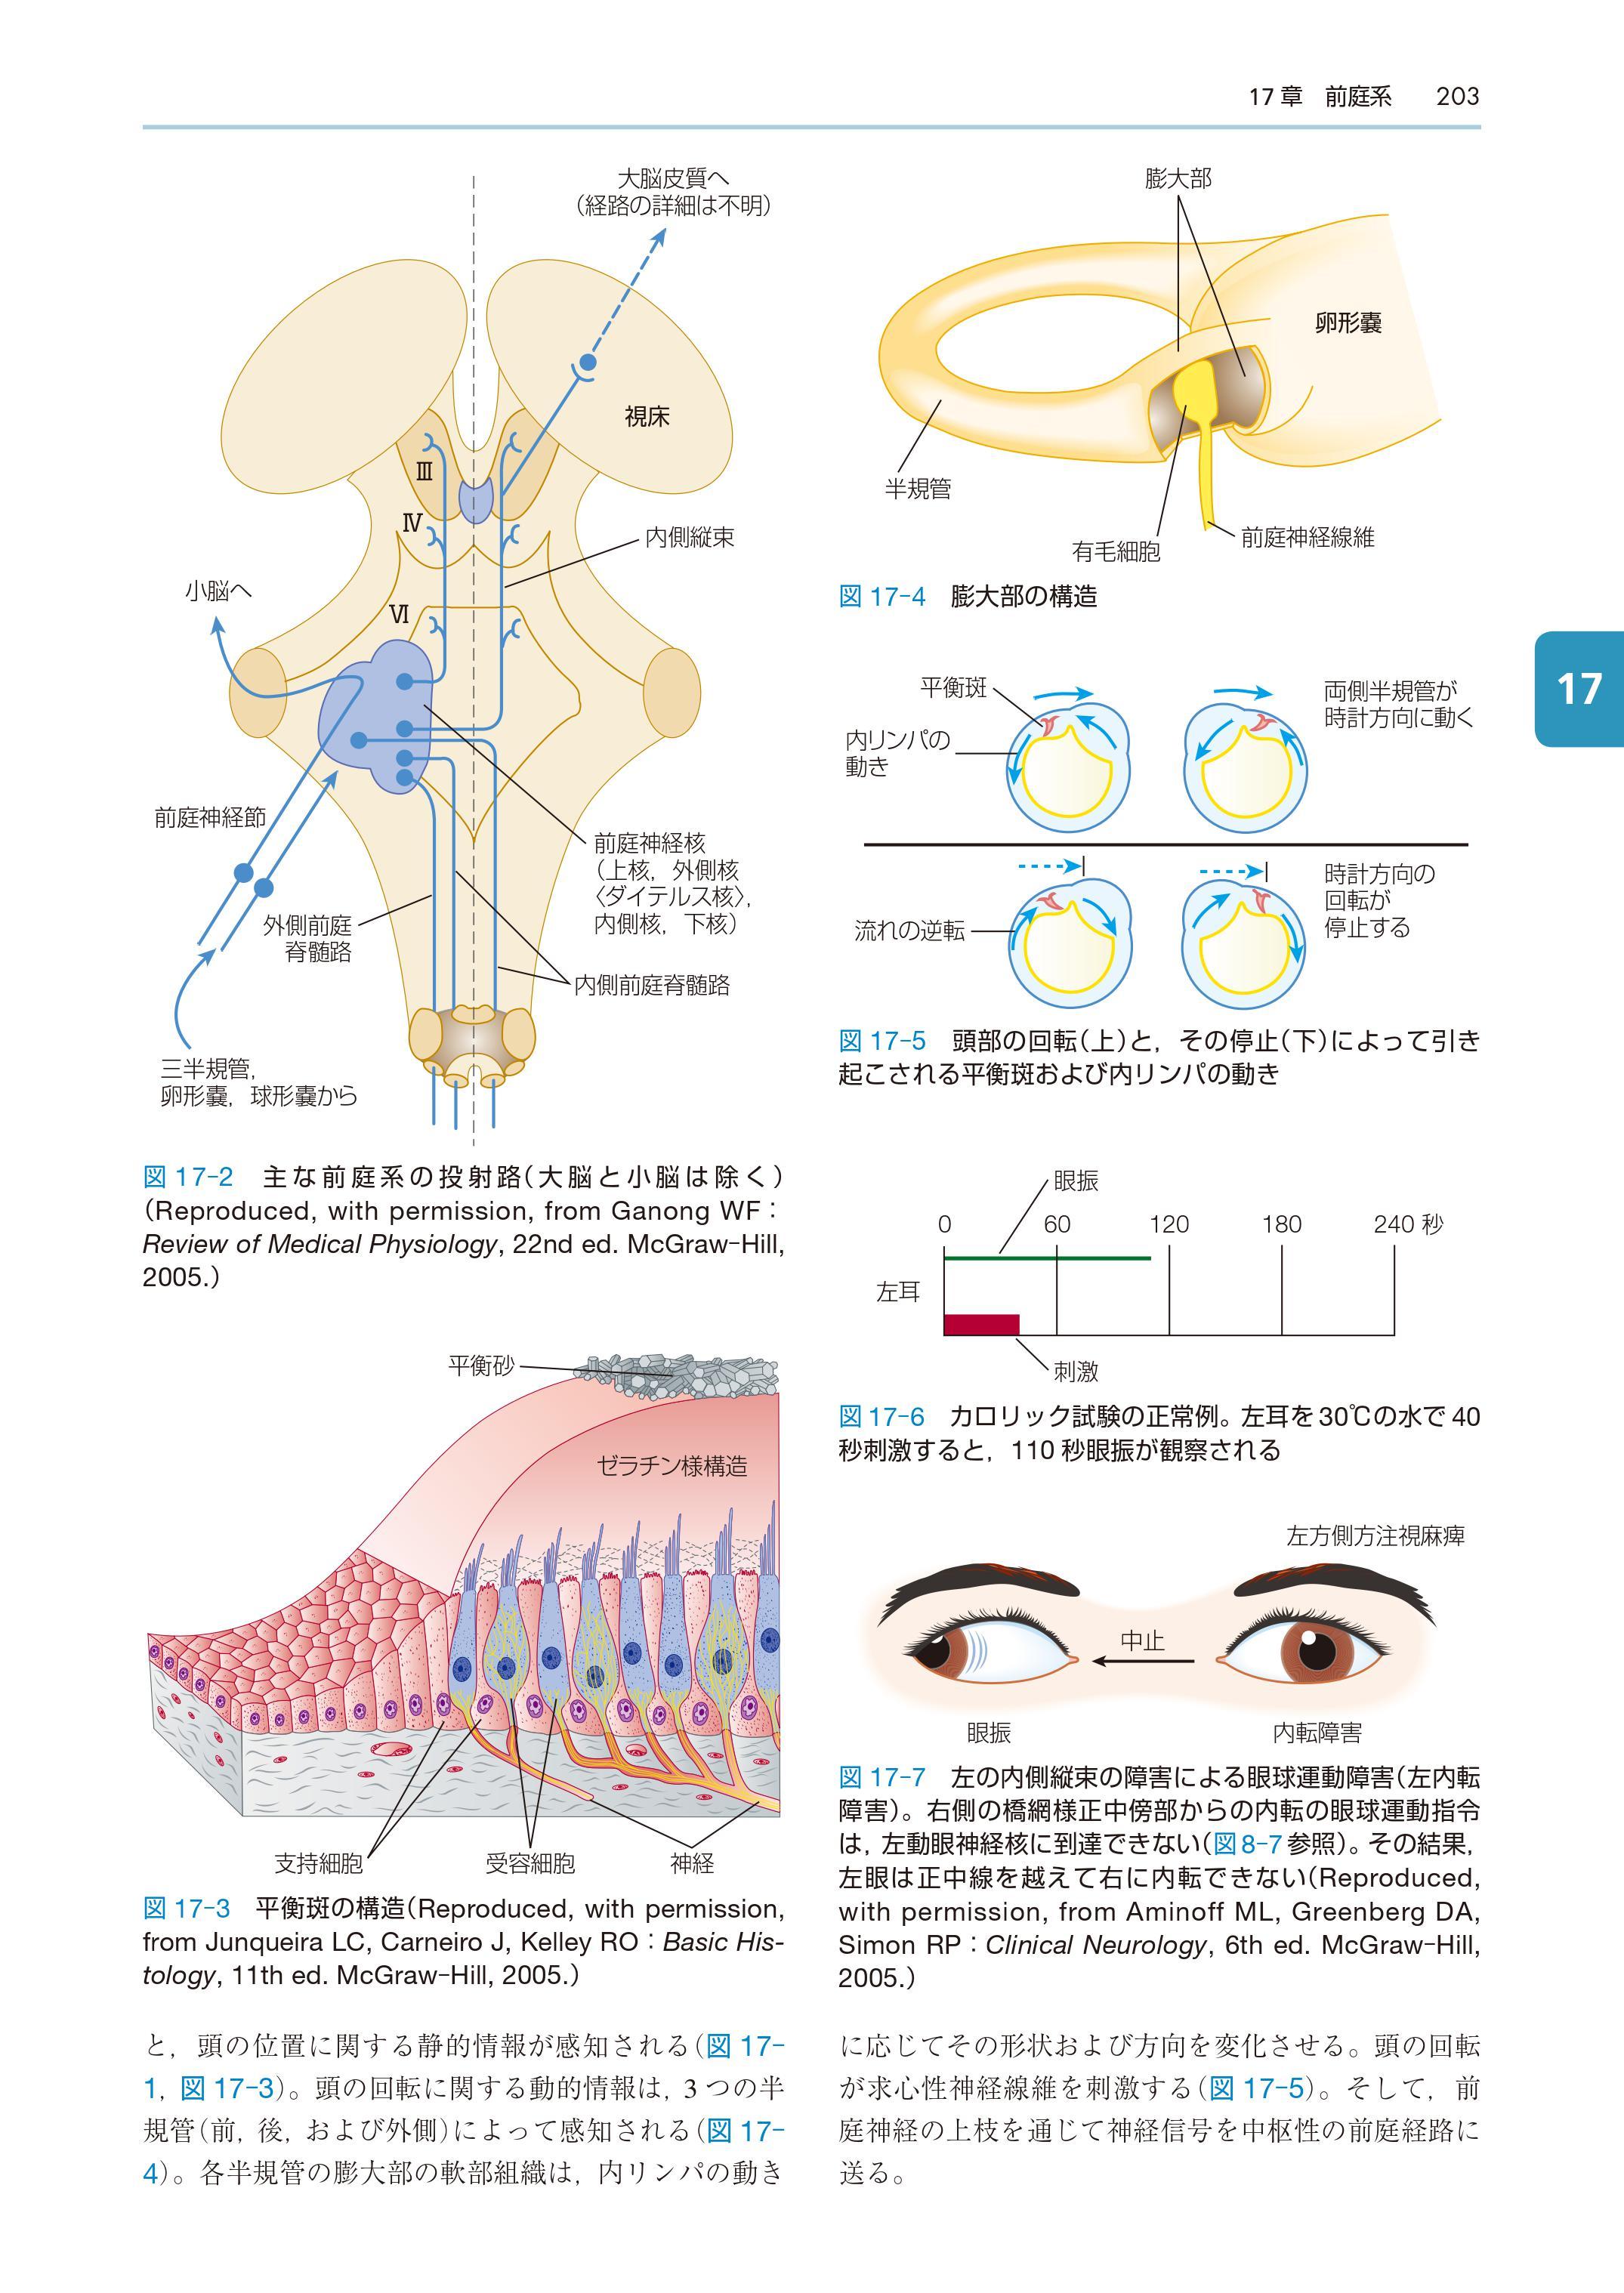 『ワックスマン脳神経解剖学』中身ページ182